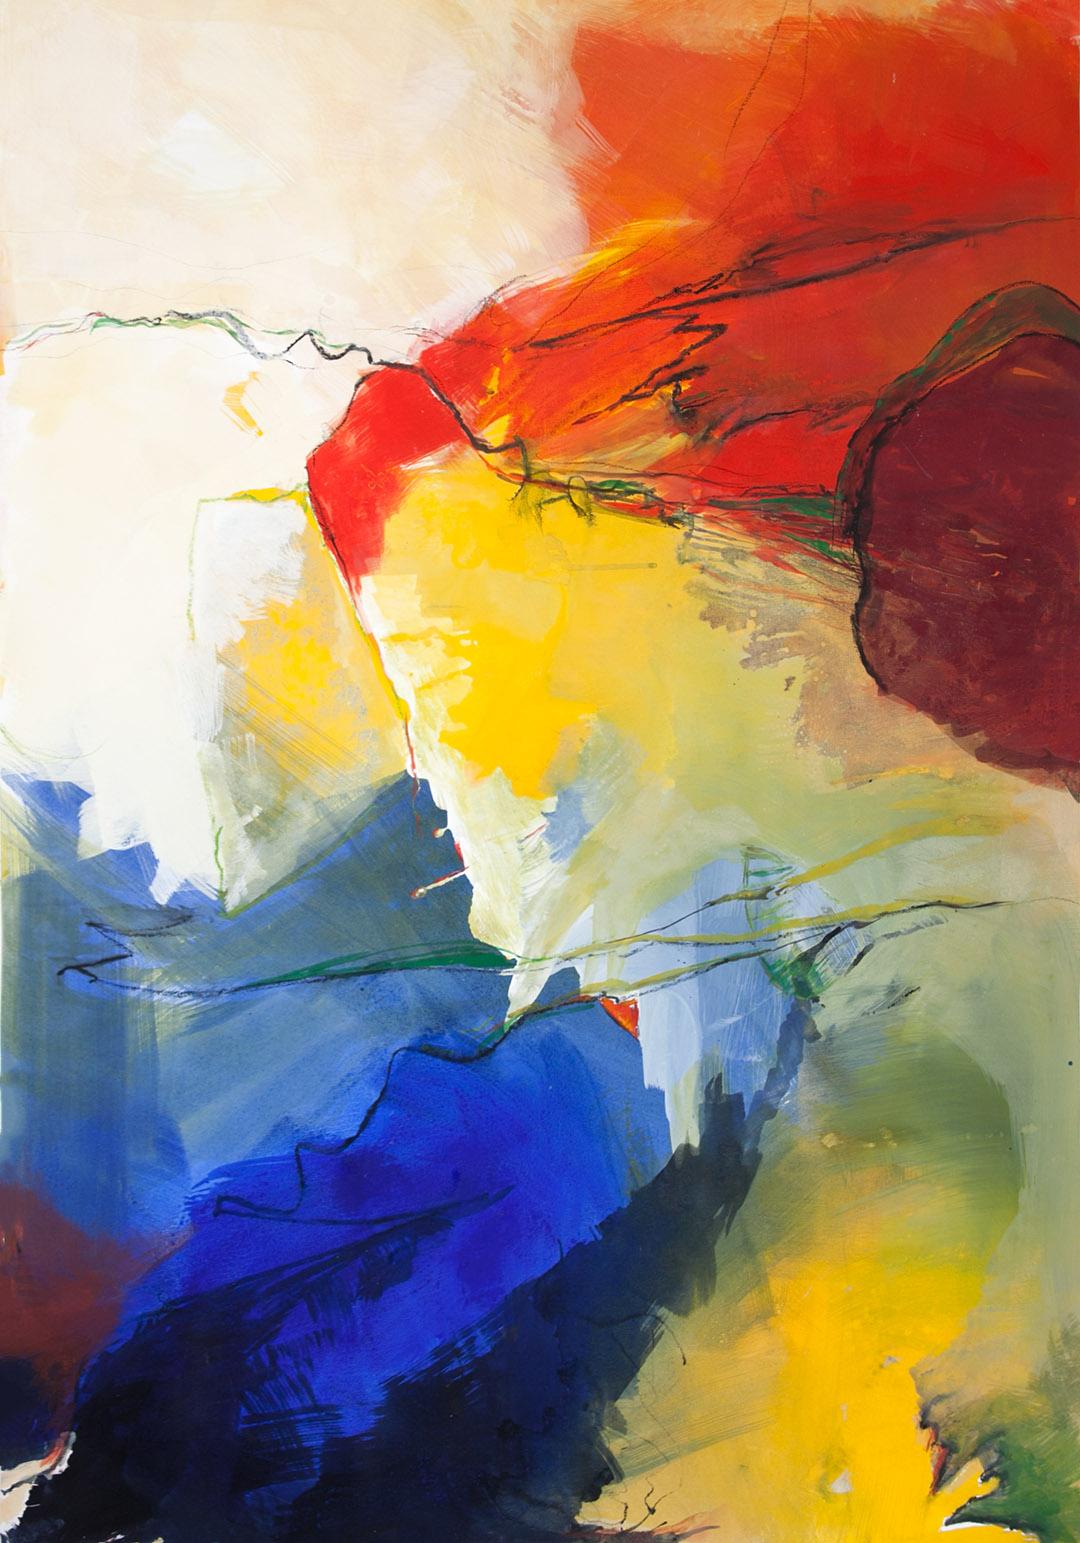 kunstreiche Farbenrausch (1) Acryl auf Papier 100x70 cm